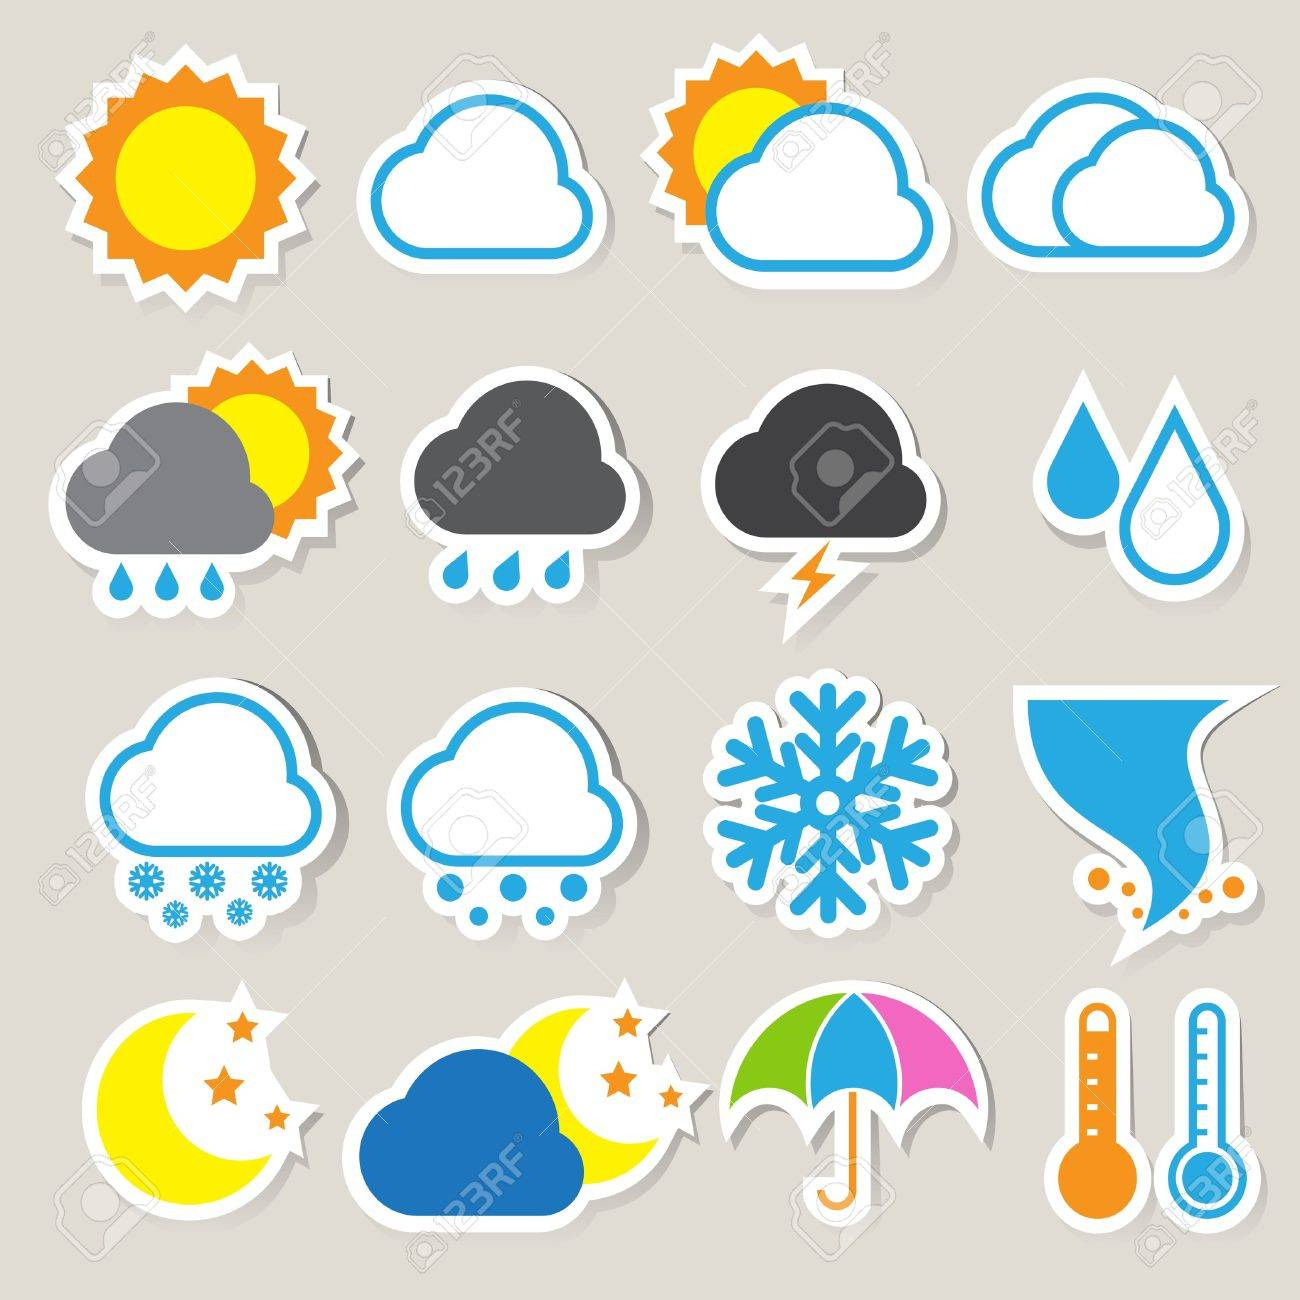 Icon set of weather ,Illustration eps 10 - 19080301